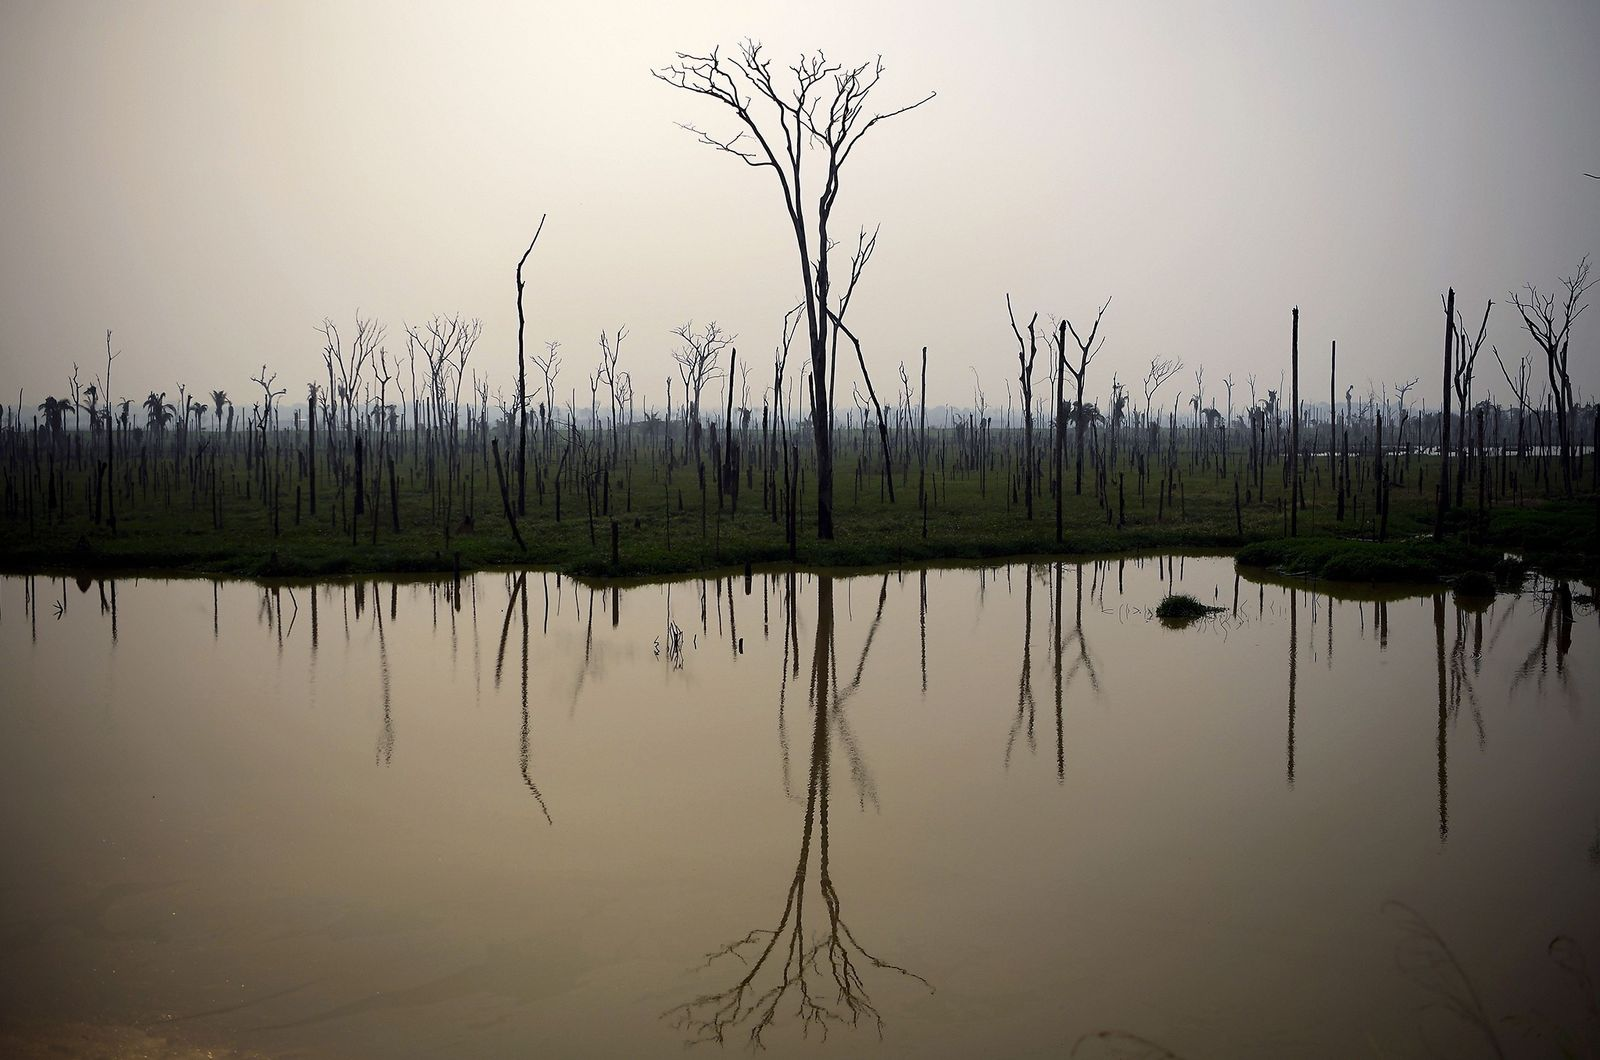 A Floresta Amazônica continua queimando, e especialistas temem que isso possa se espalhar e destruir o ...